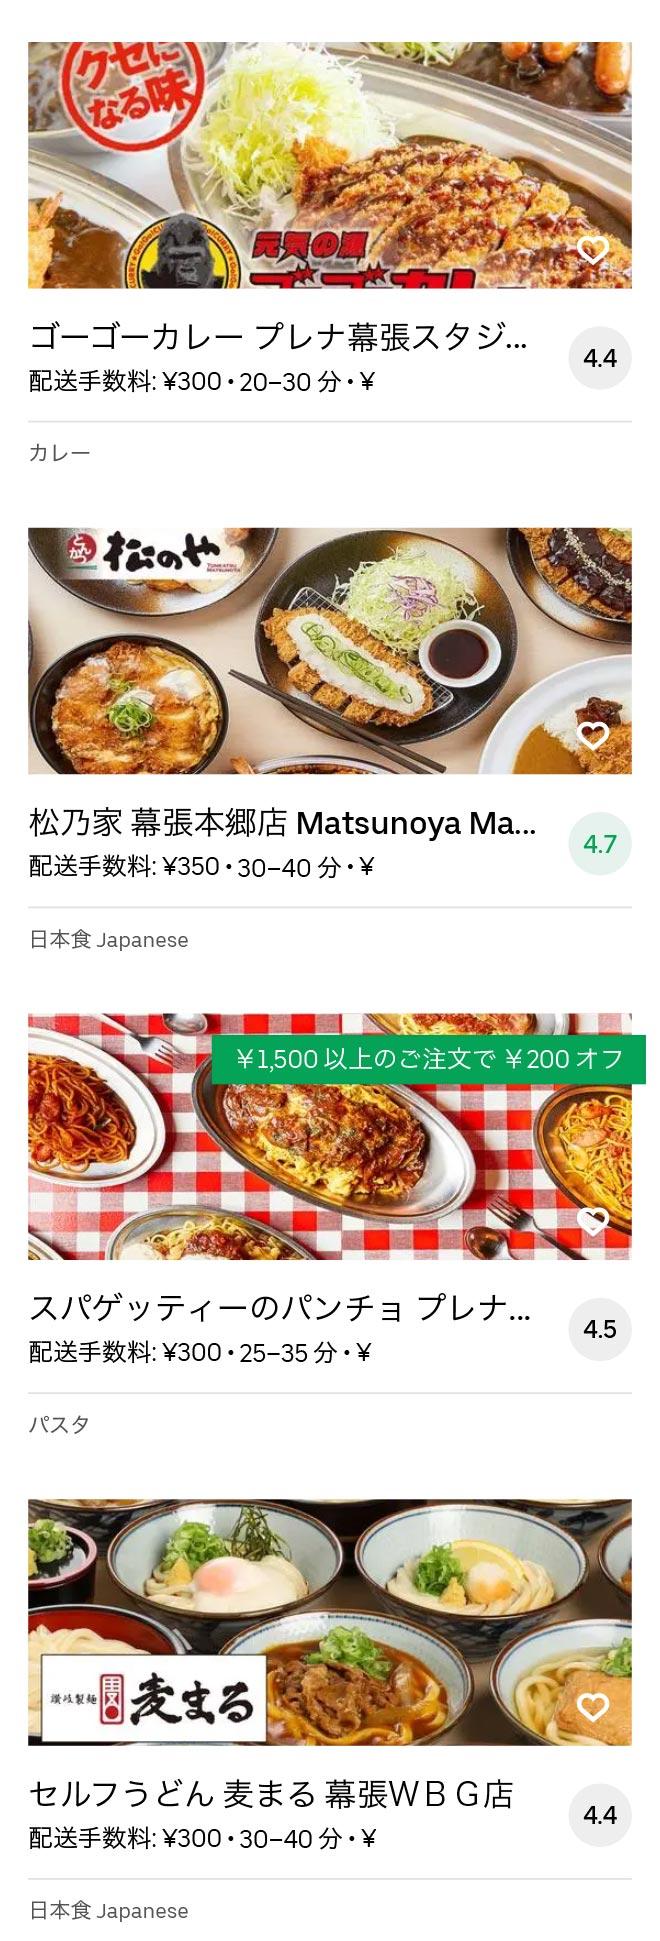 Makuhari menu 2010 07